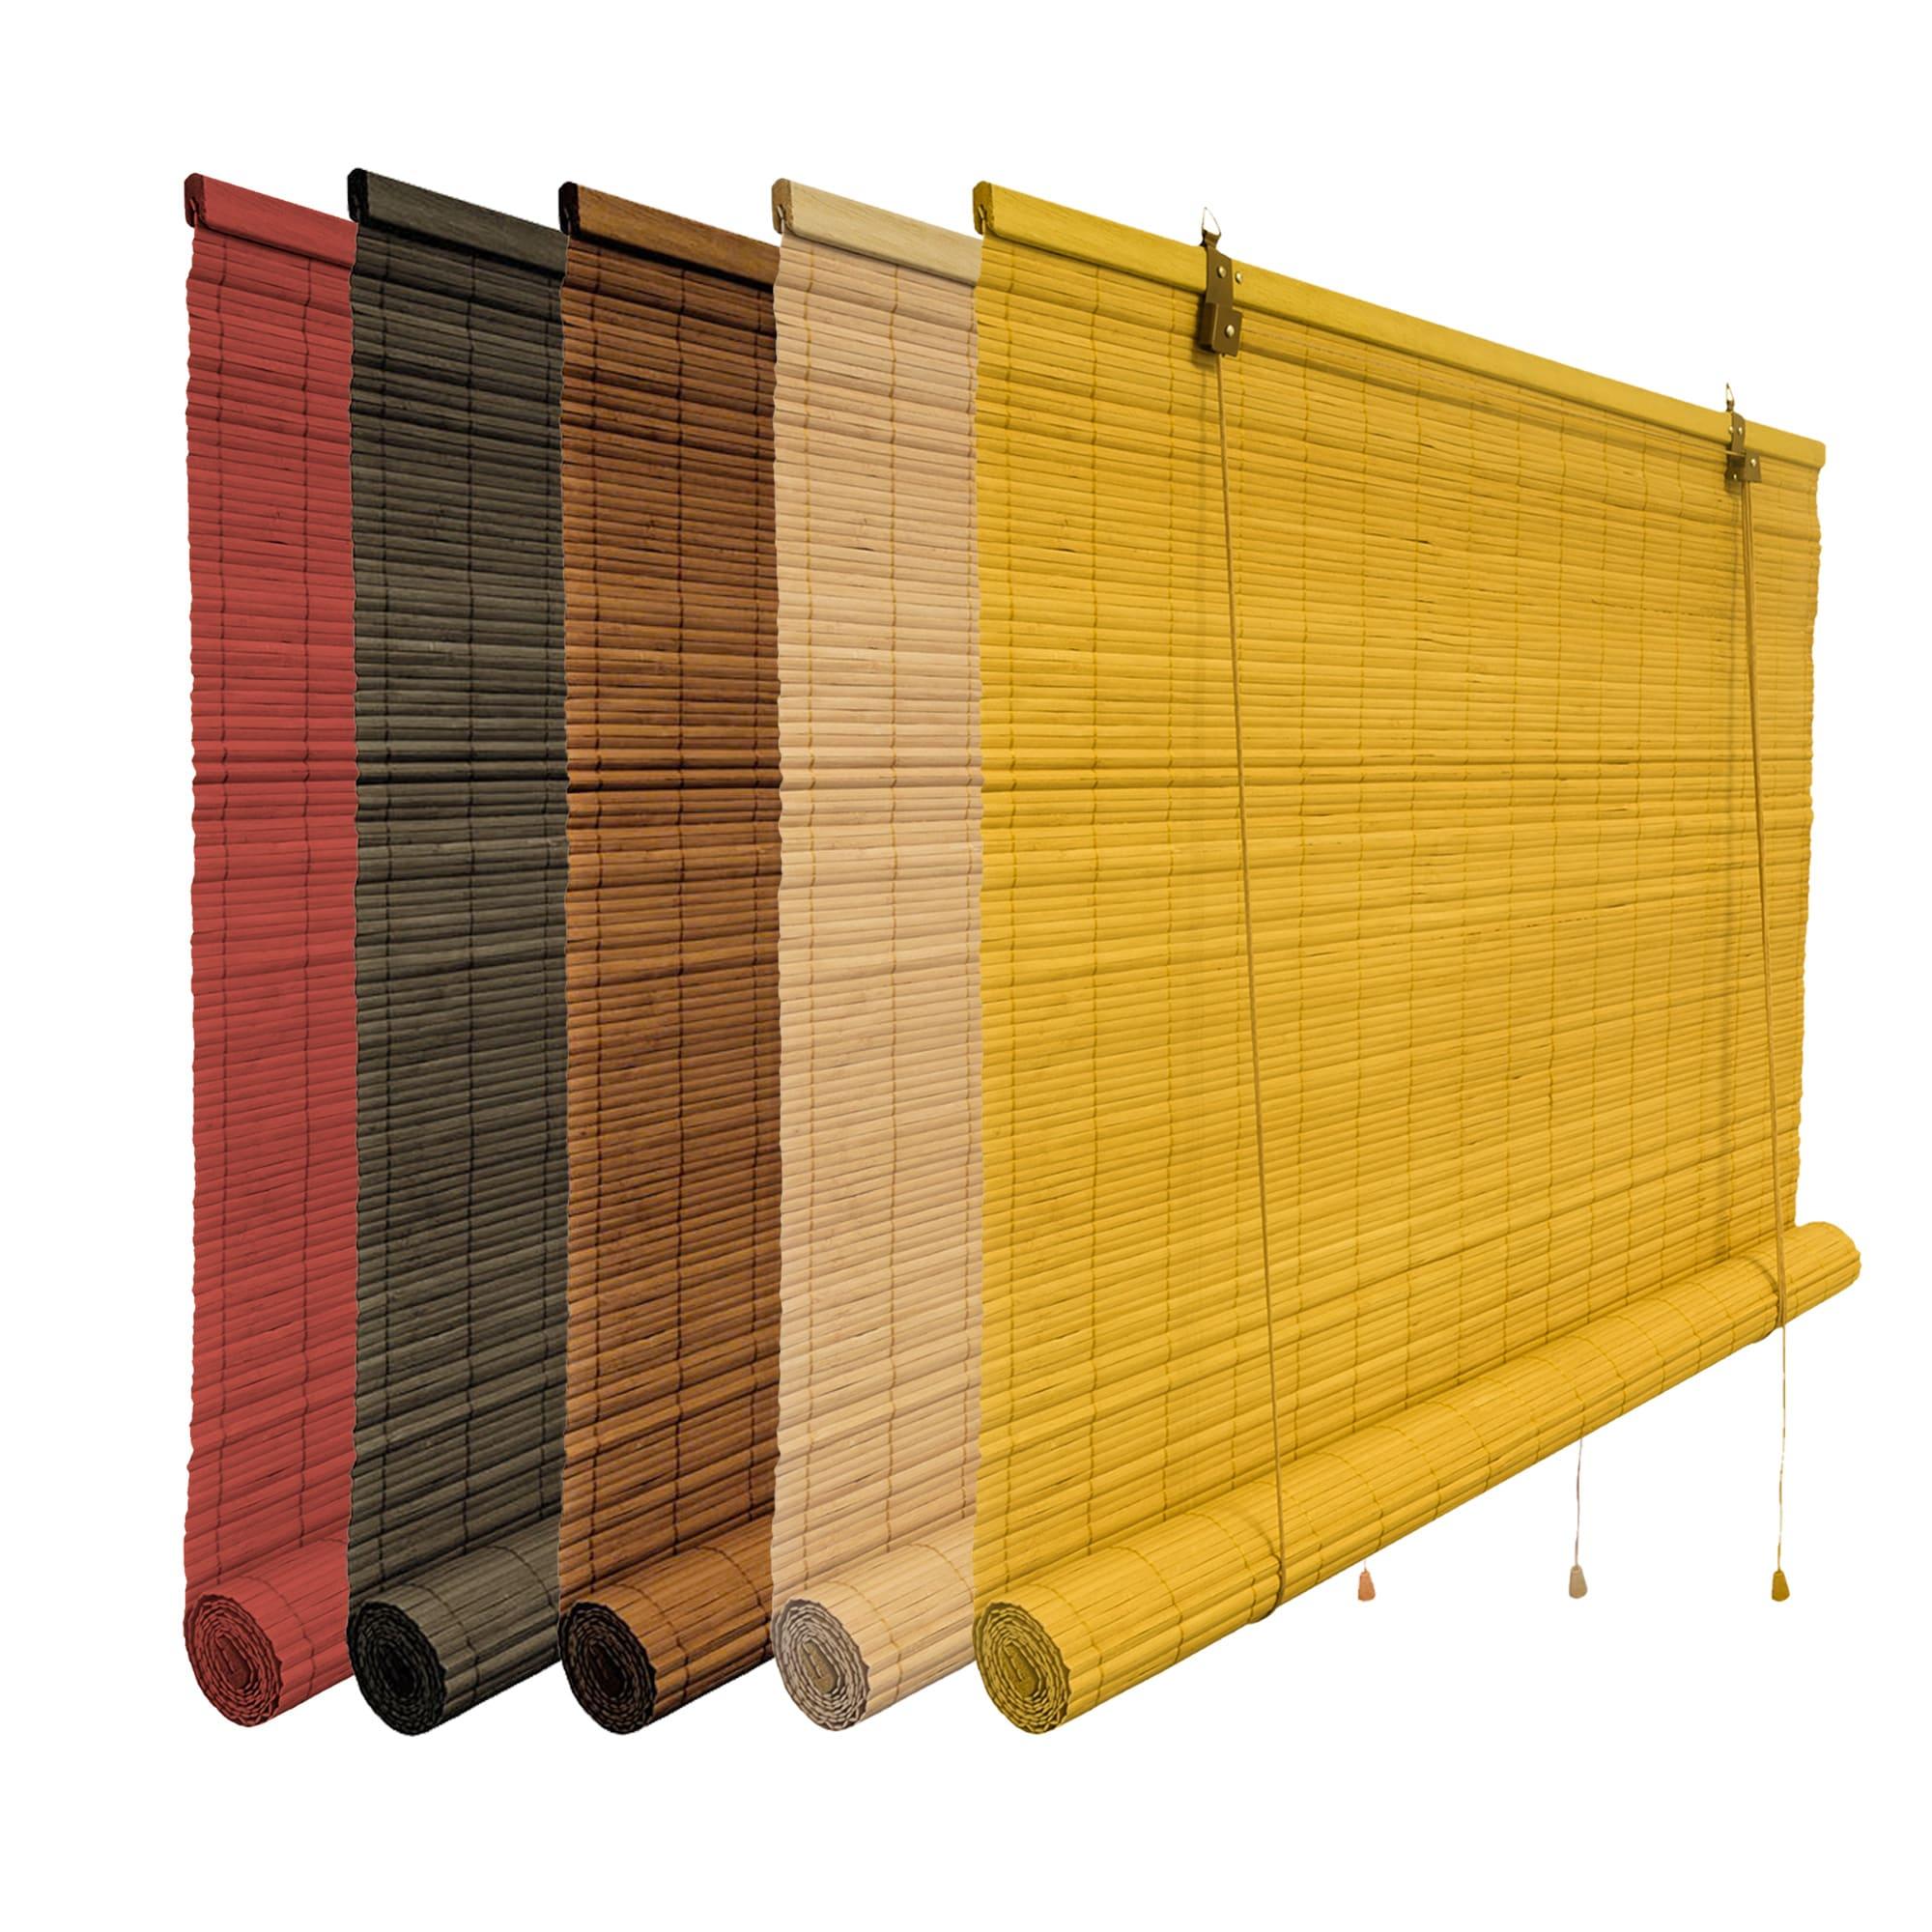 bambus rollo bambusrollo schnurzug natur sichtschutz jalousie vorhang victoria m ebay. Black Bedroom Furniture Sets. Home Design Ideas